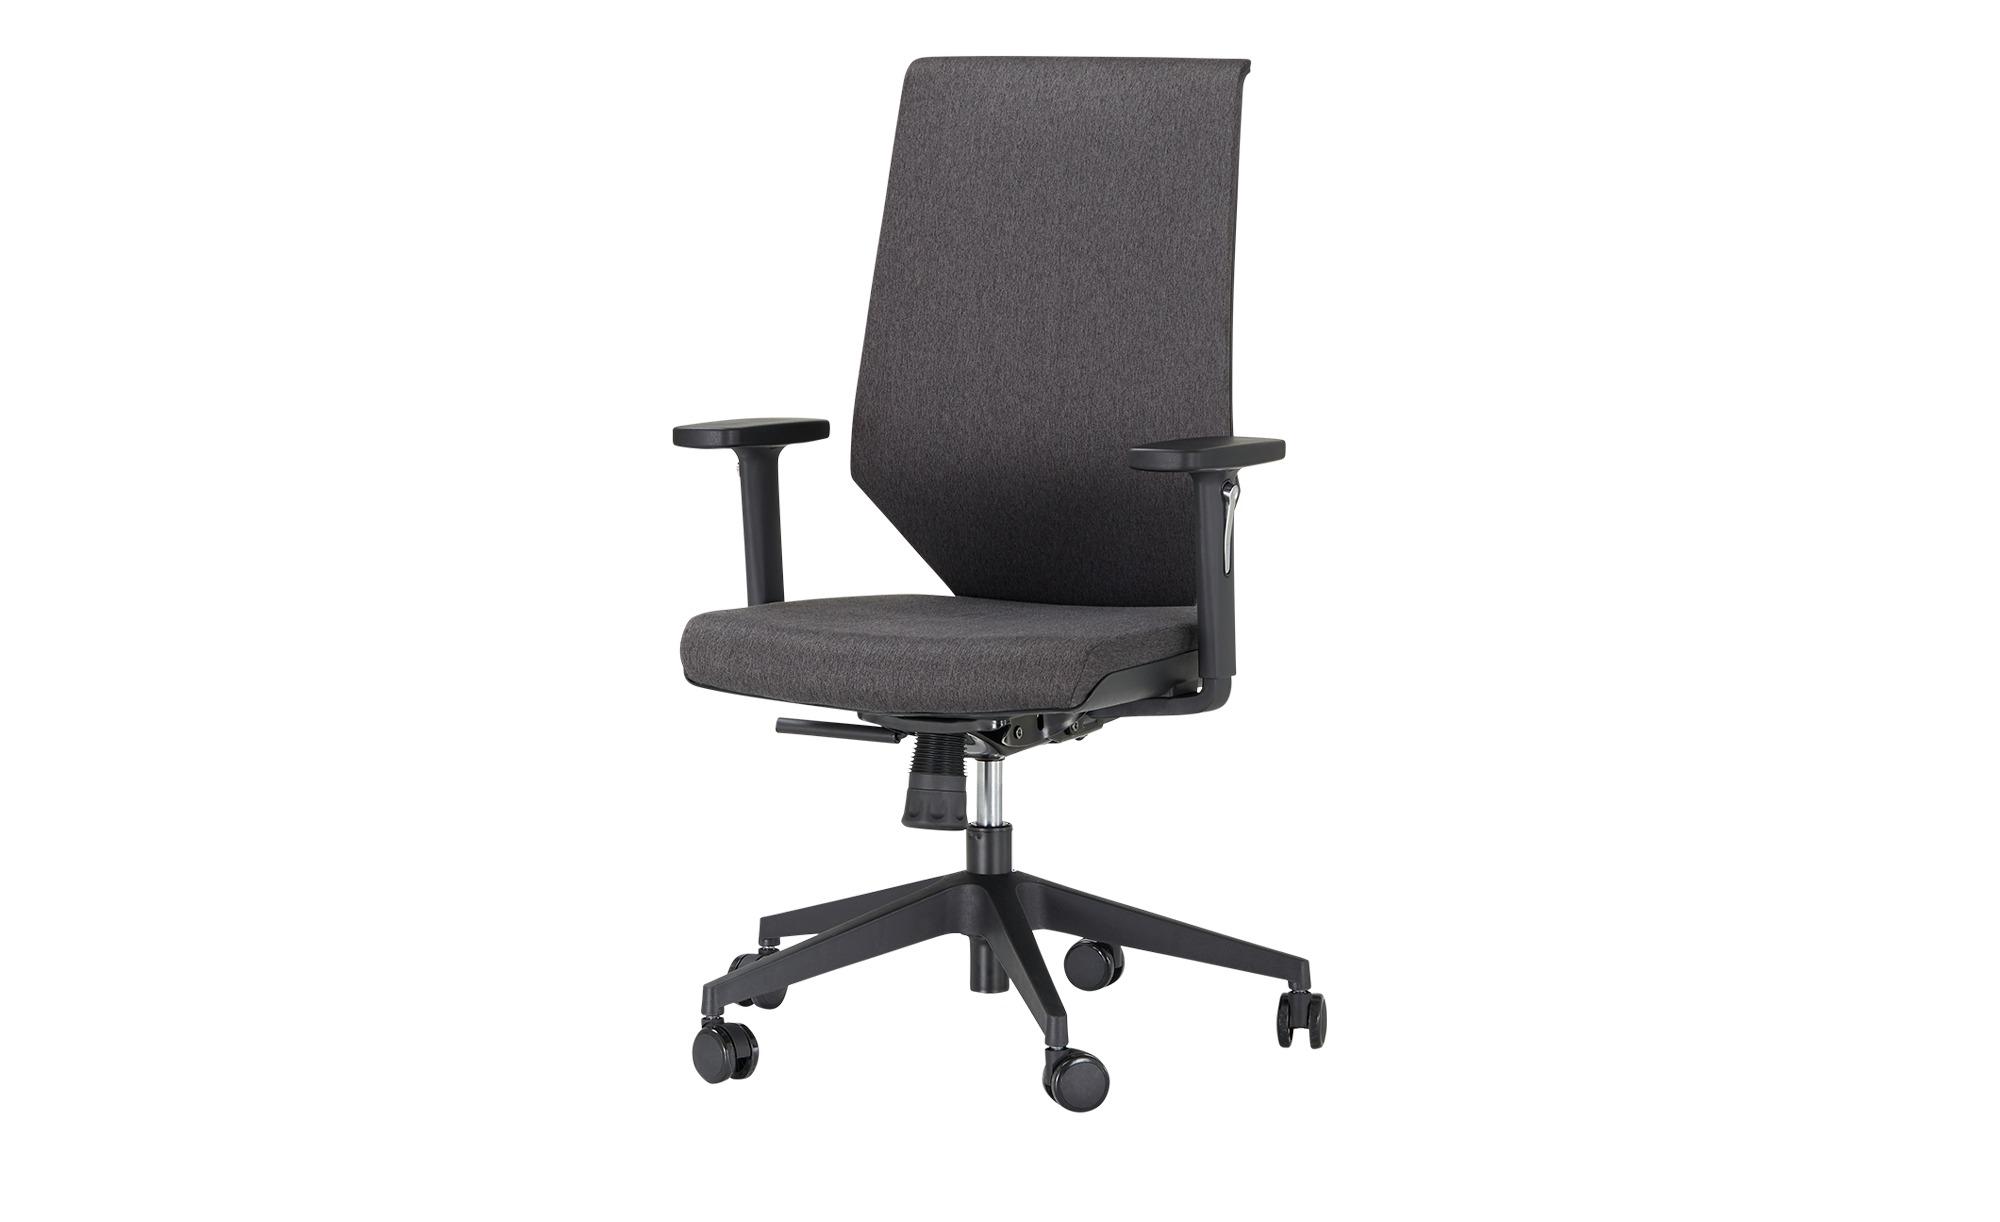 Bürodrehstuhl  Zala ¦ grau Stühle > Bürostühle > Drehstühle - Höffner